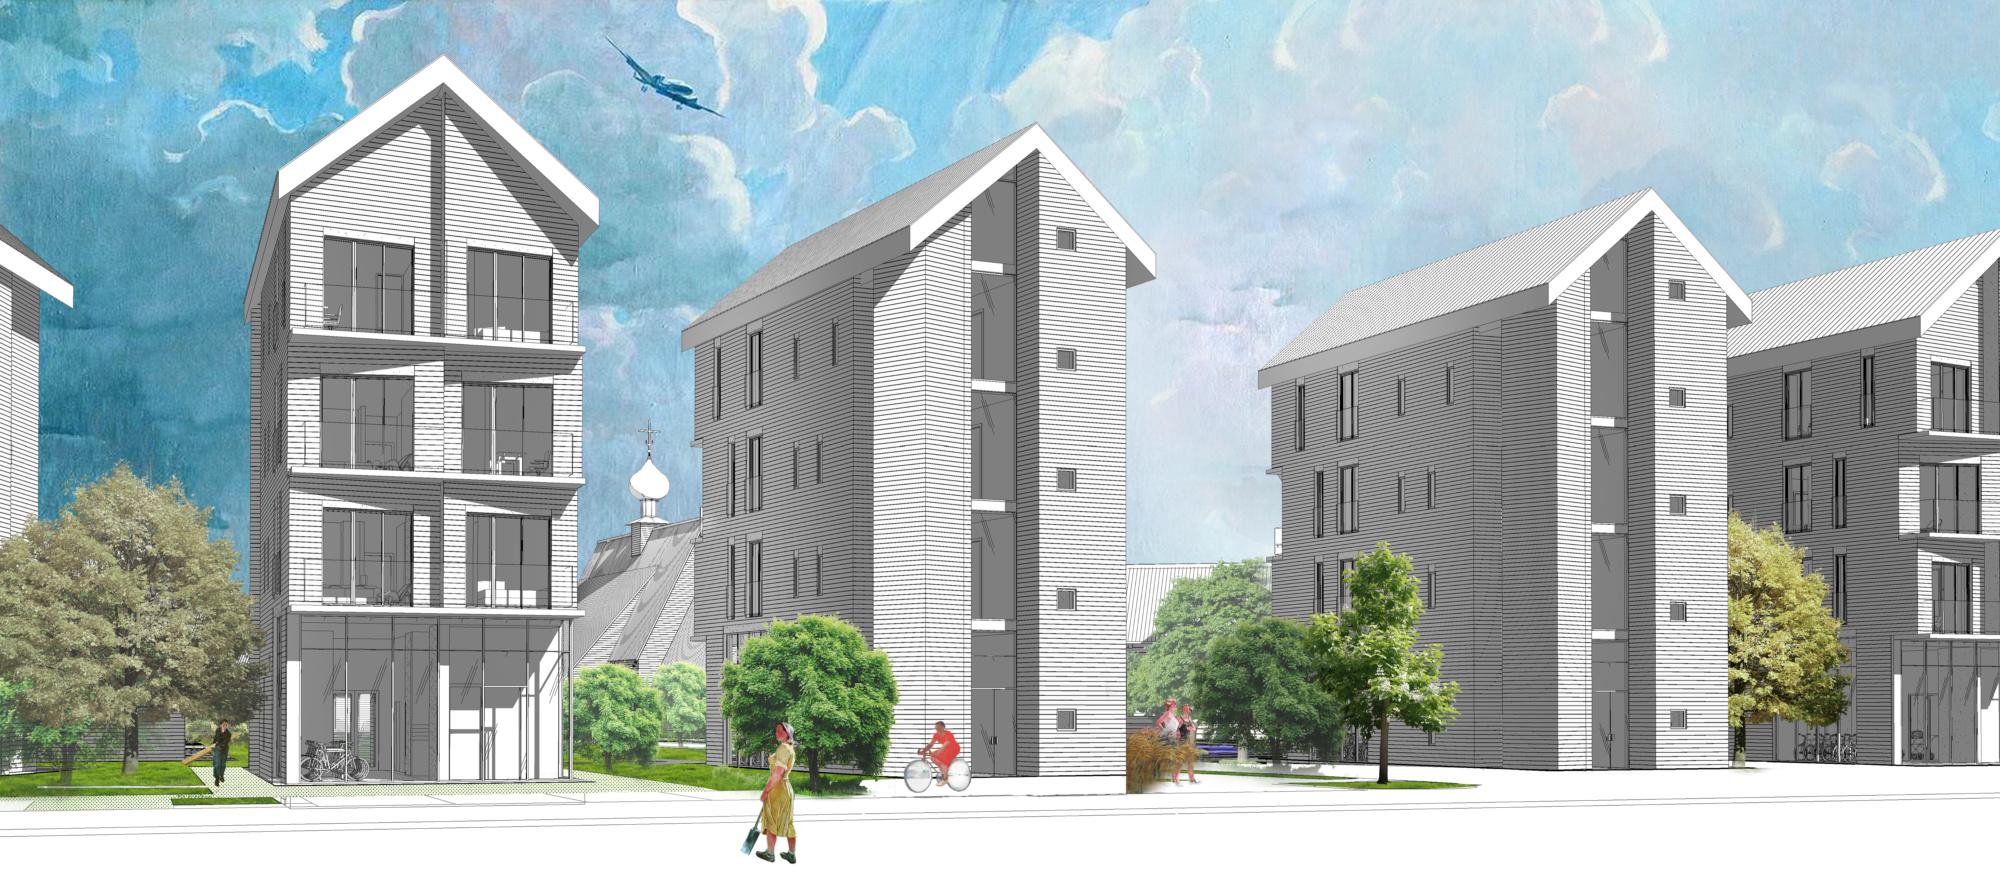 Архитектурная концепция стандартного малоэтажного жилья и жилой застройки. ©DMTRVK